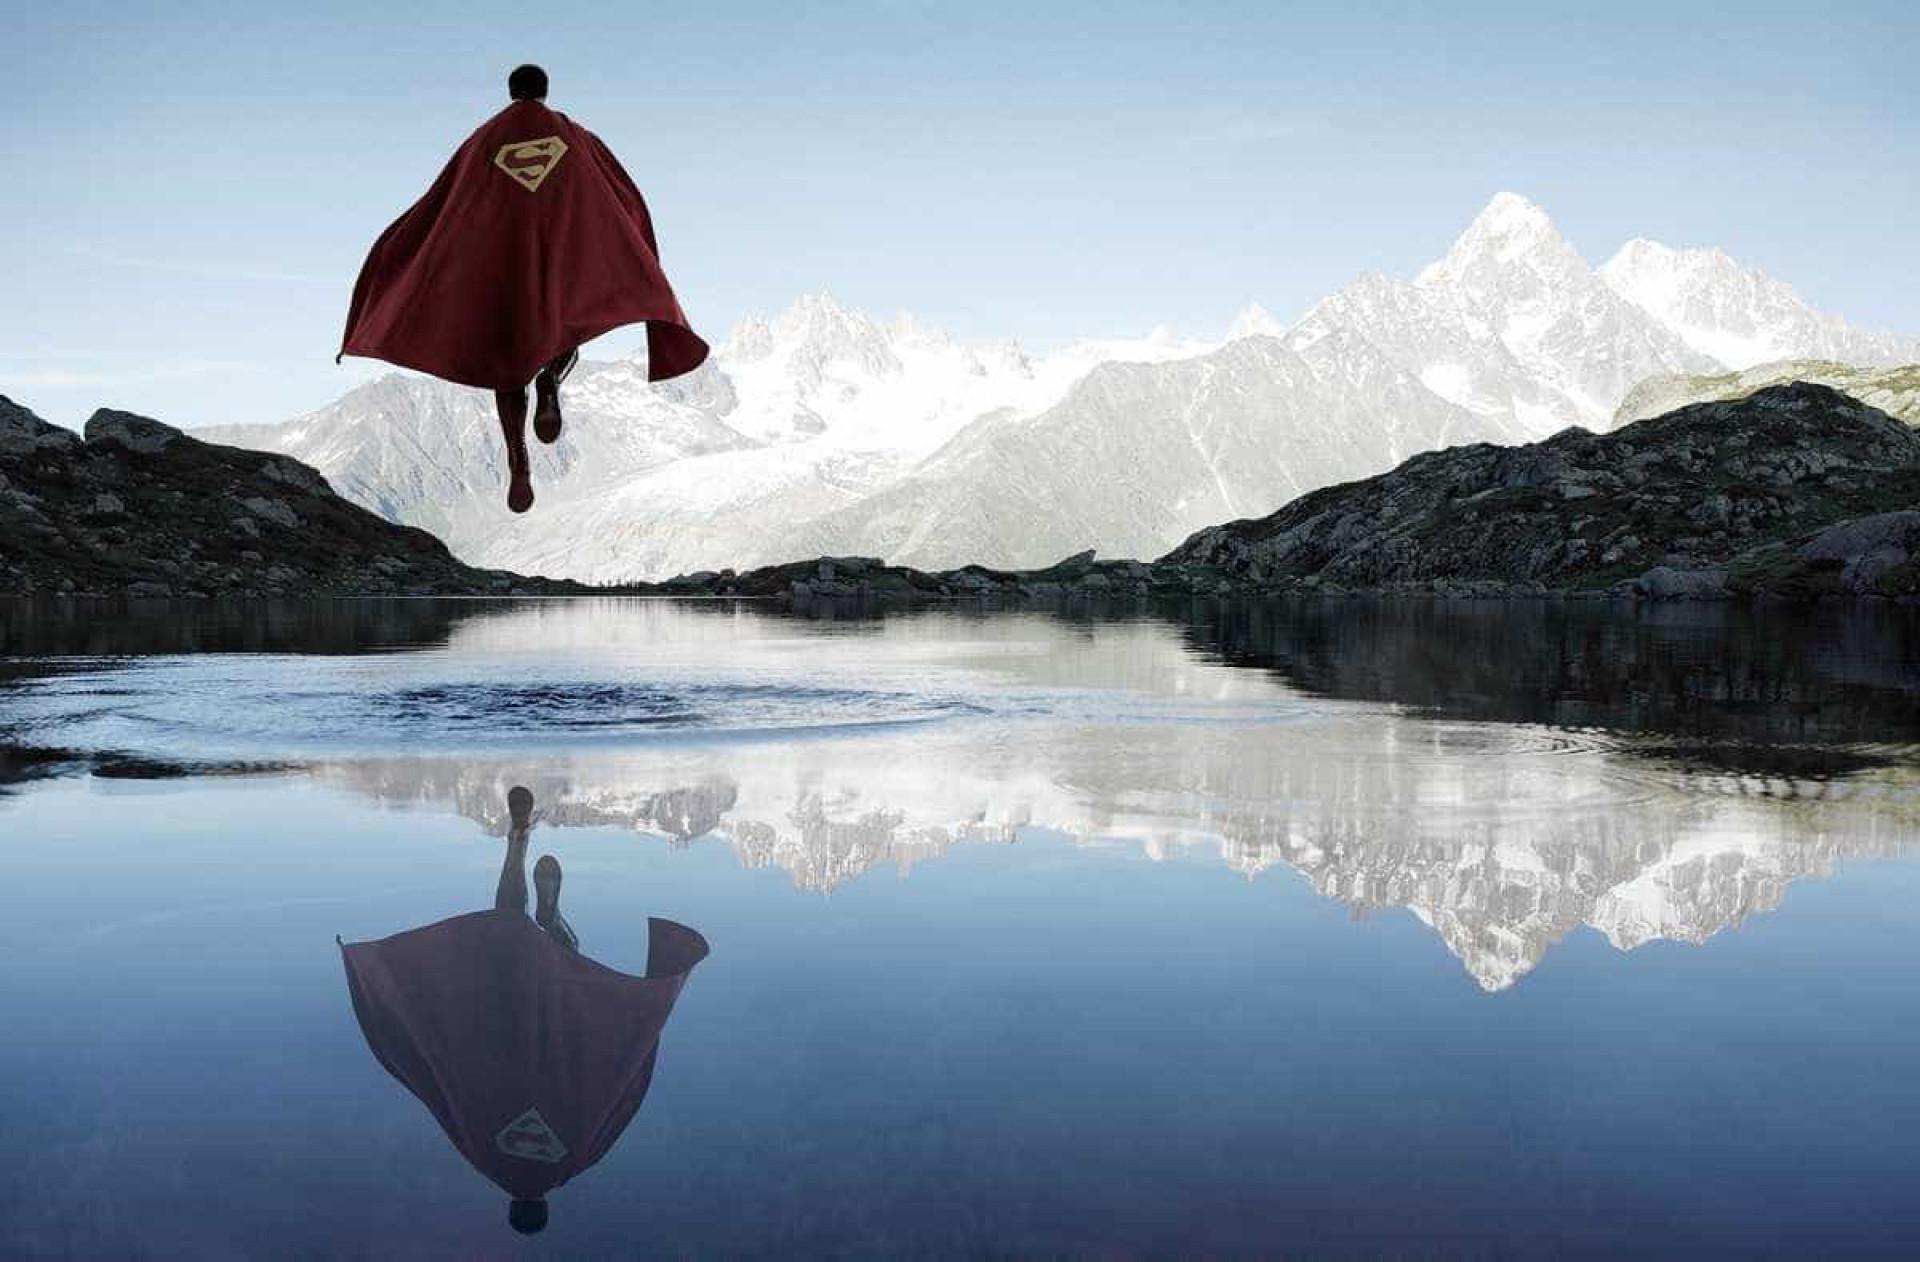 Os super-heróis também precisam de descanso